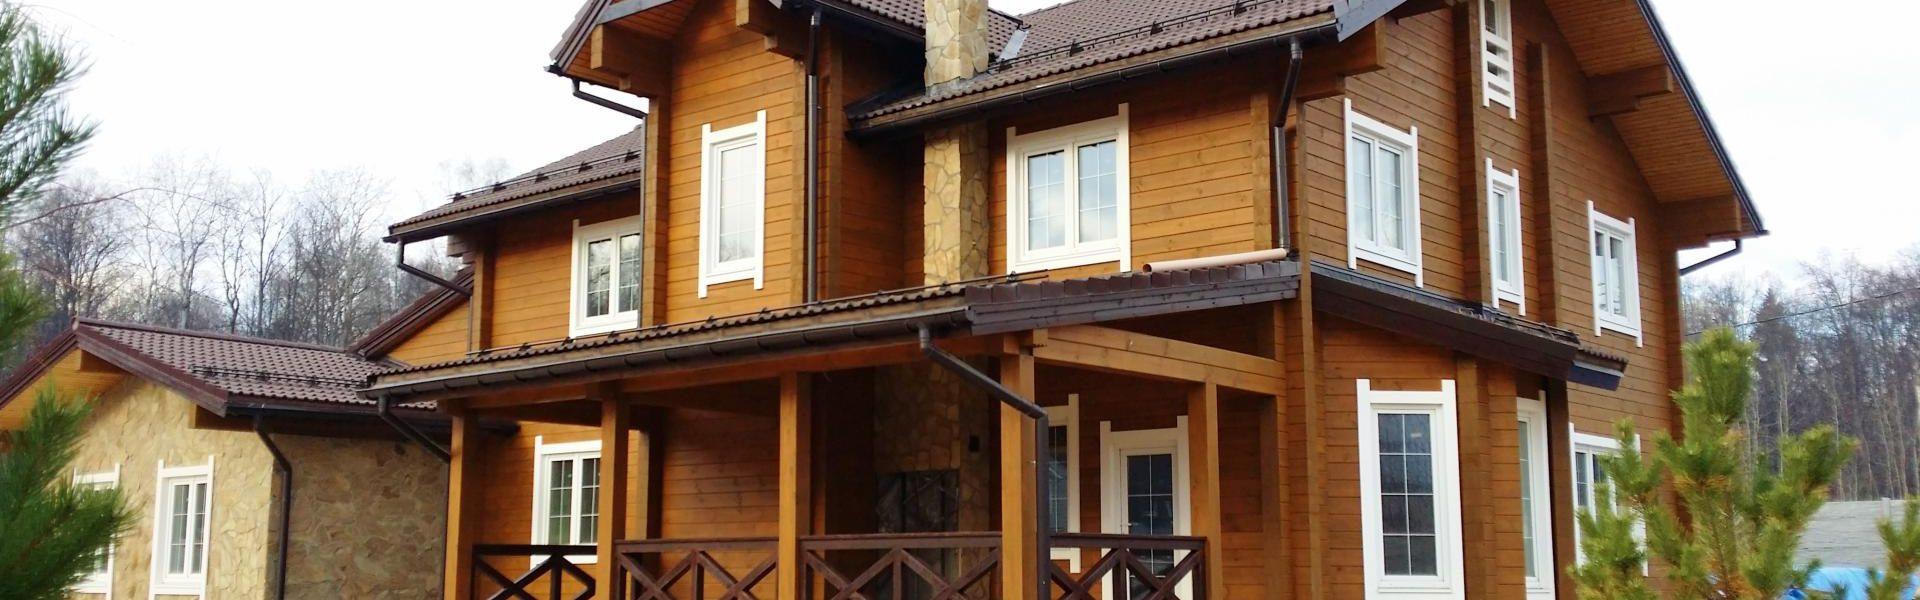 строительство щитовых домов под ключ недорого